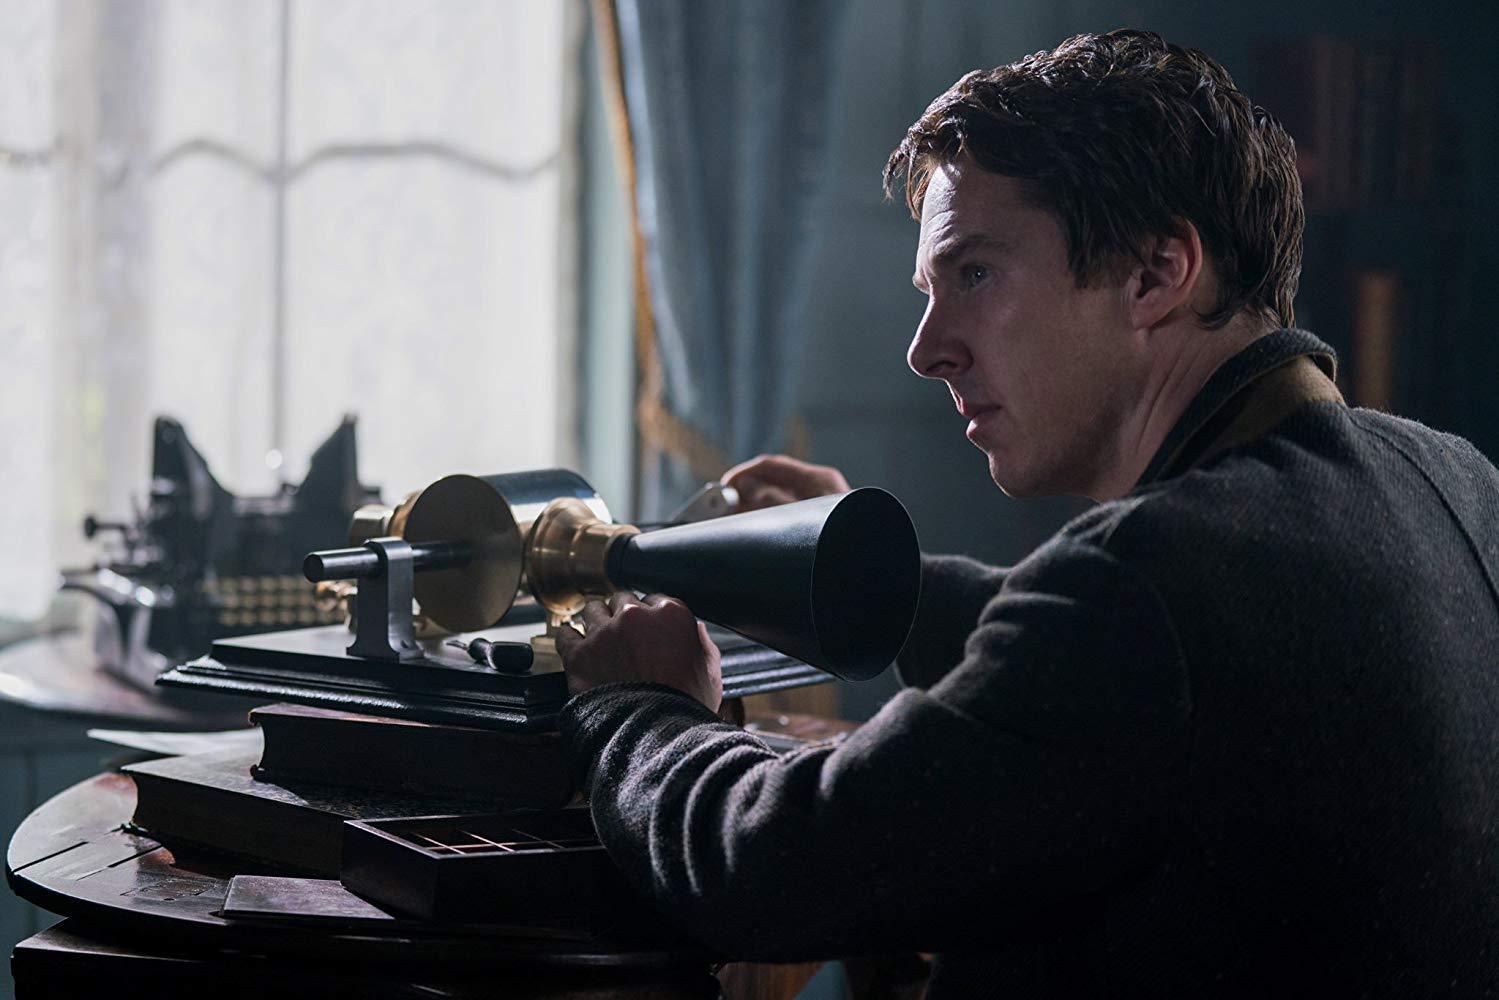 باشگاه خبرنگاران -راویتی تازه از زندگی توماس ادیسون در فیلم سینمایی جنگ جریان